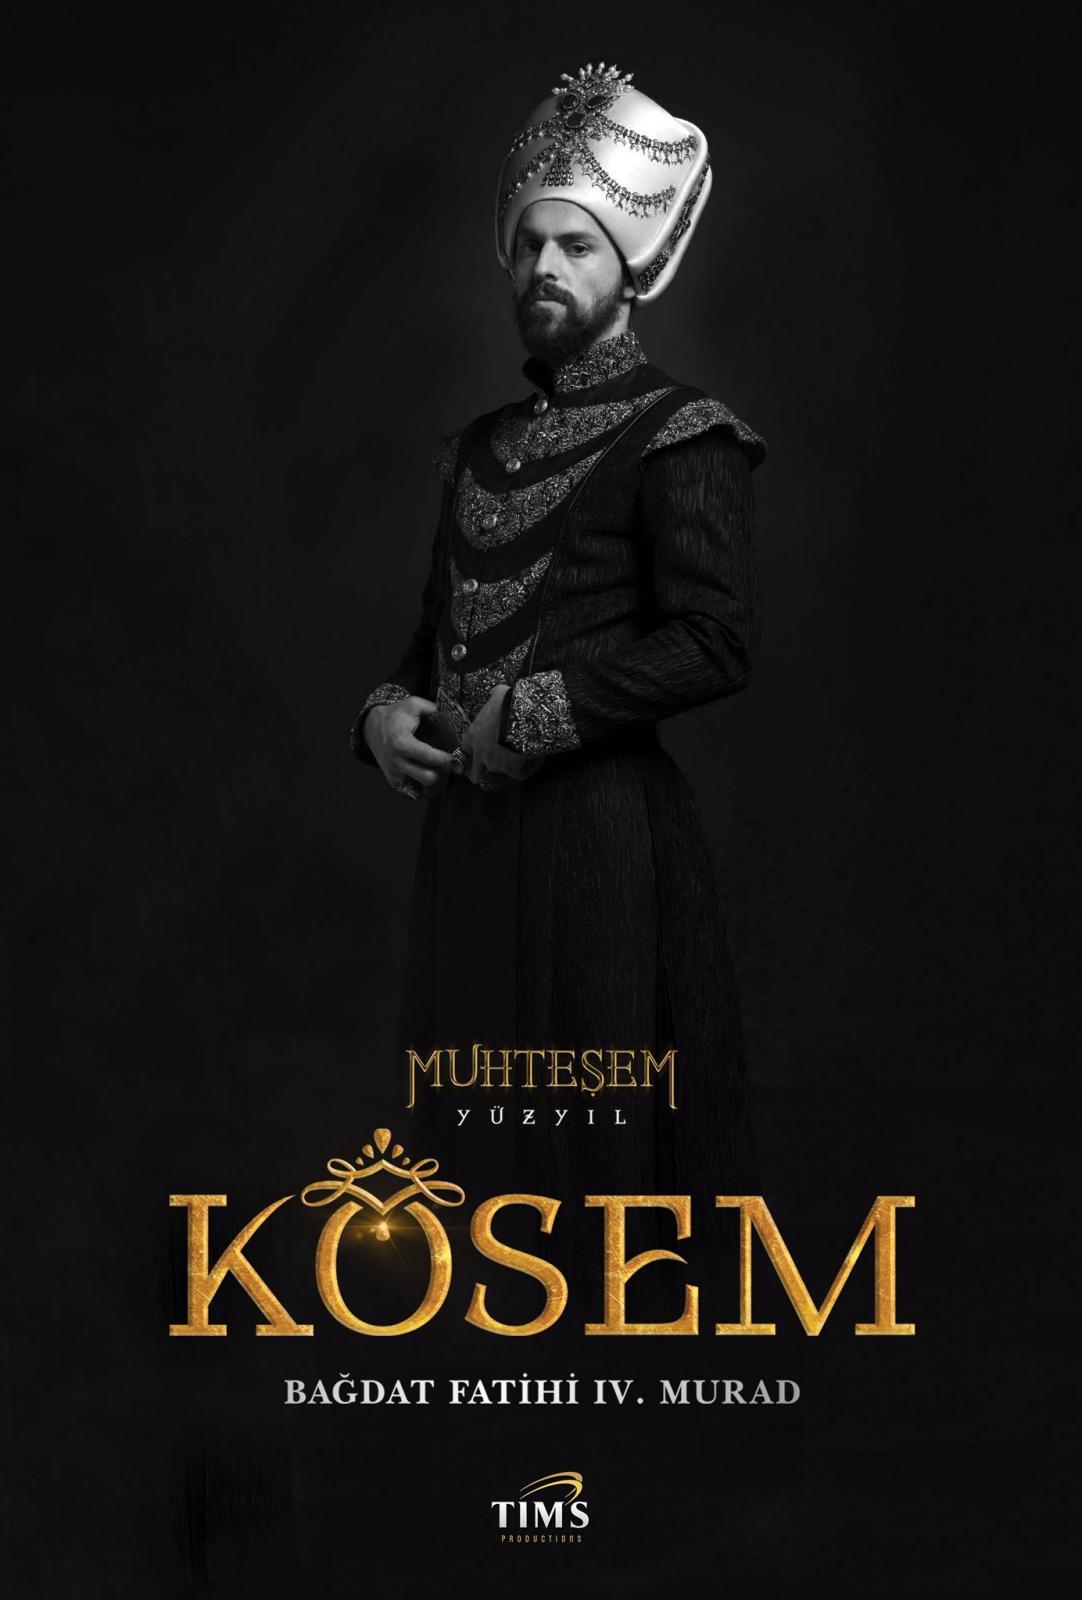 MUHTEŞEM YÜZYIL KÖSEM - Bağdat Fatihi IV. Murad - Султан Мурад.jpg